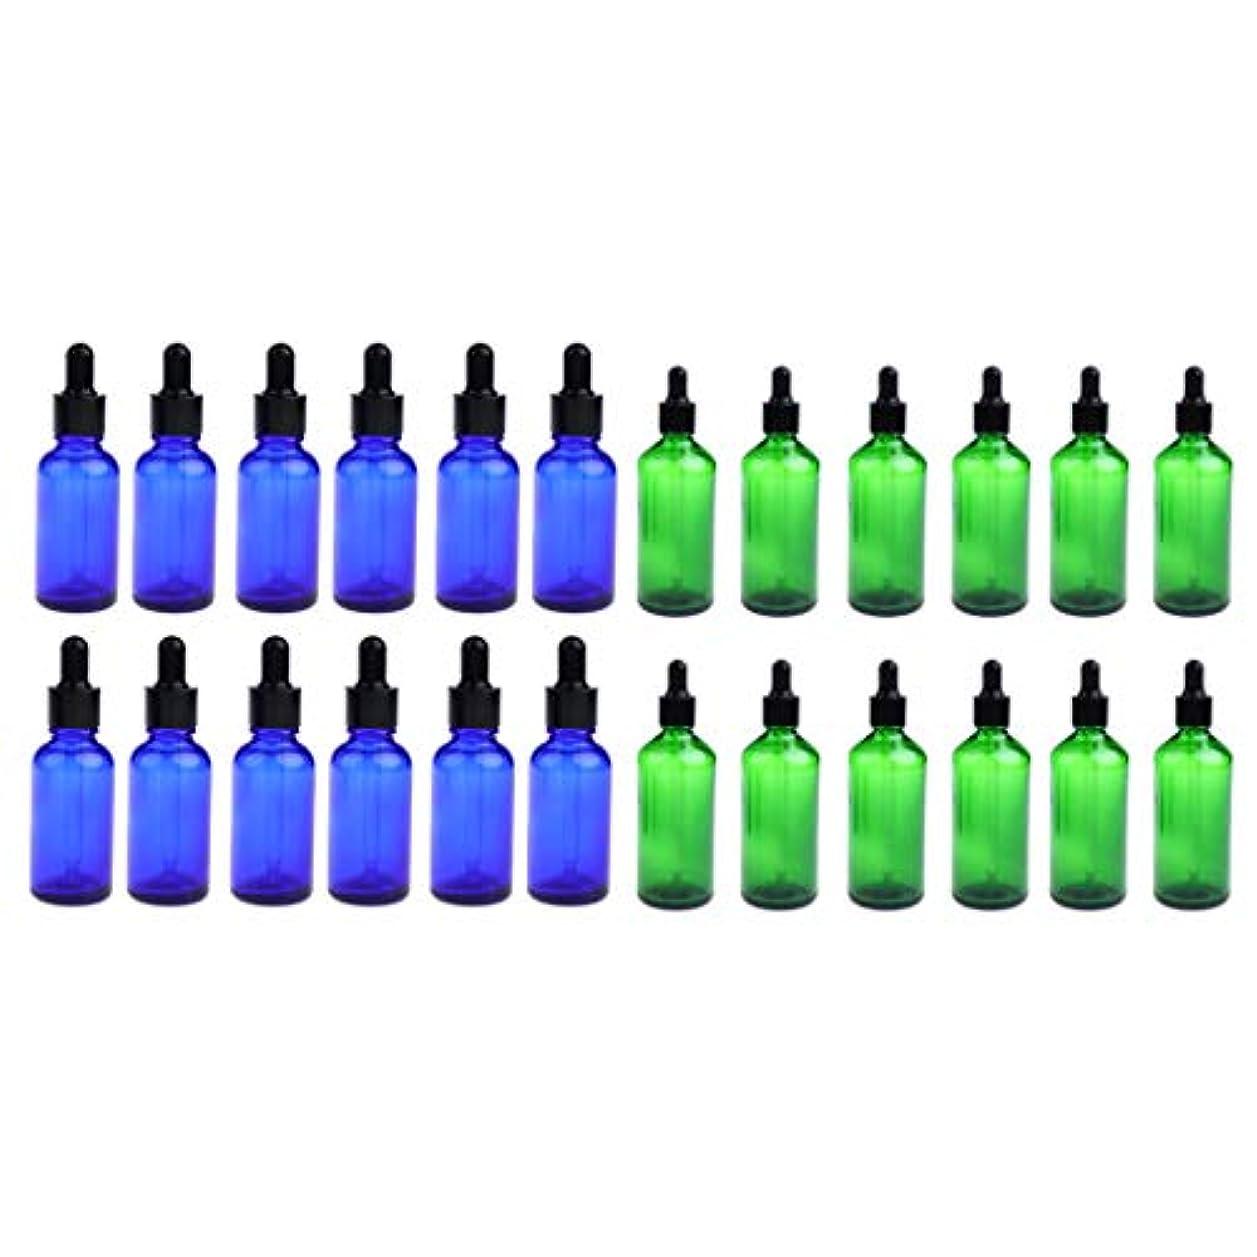 ハイライト口径申請中sharprepublic スポイト 瓶 遮光 スポイトボトル 30ml エッセンシャルオイル アロマ セラピー バイアル